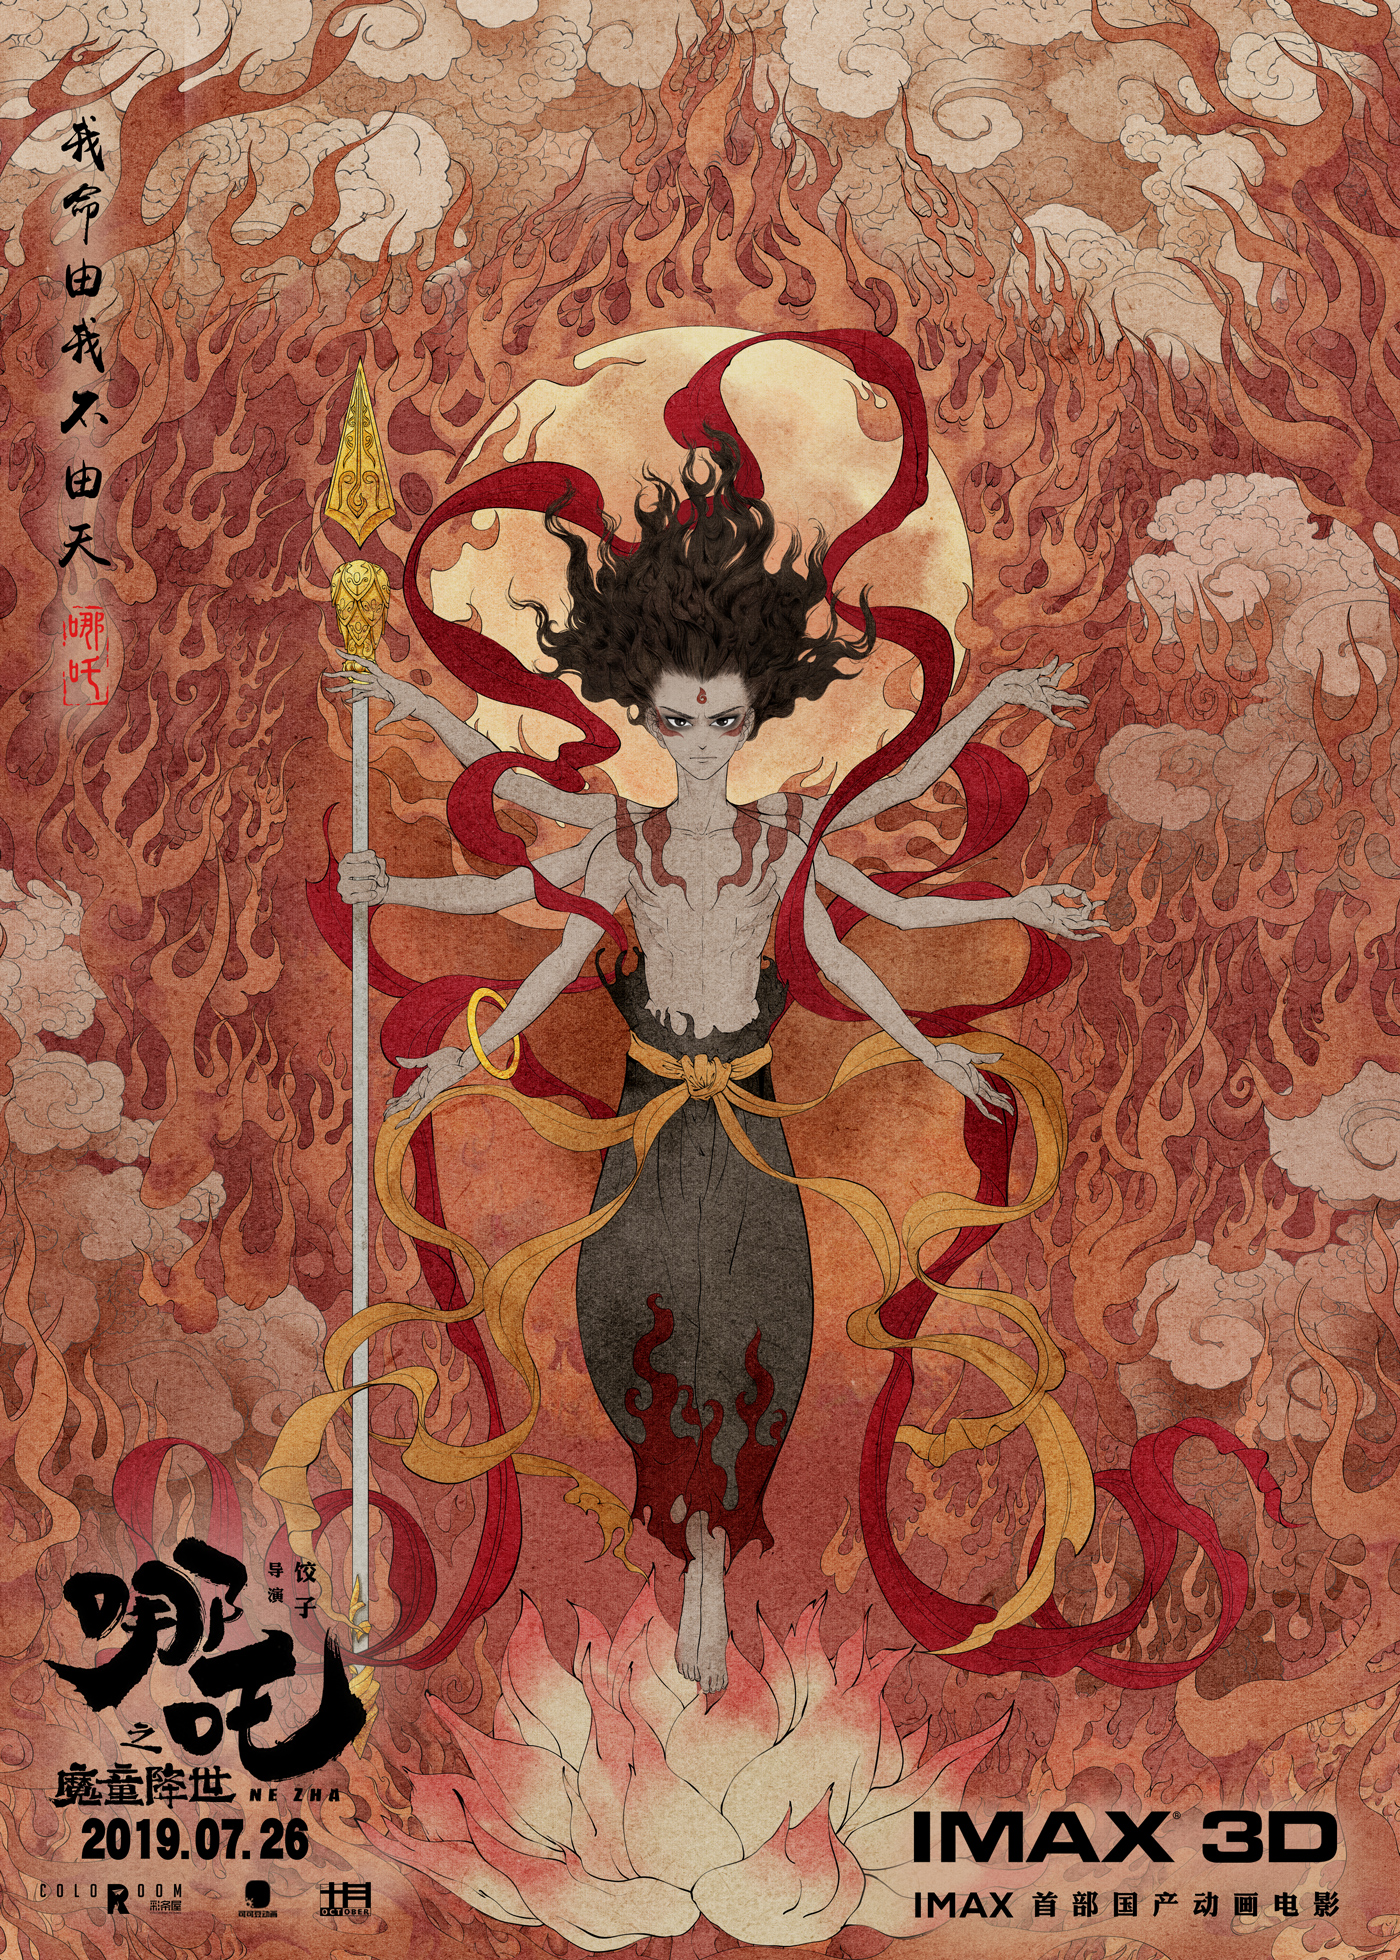 《哪吒之魔童降世》发中国风海报 哪吒敖丙相惜相杀的照片 - 2